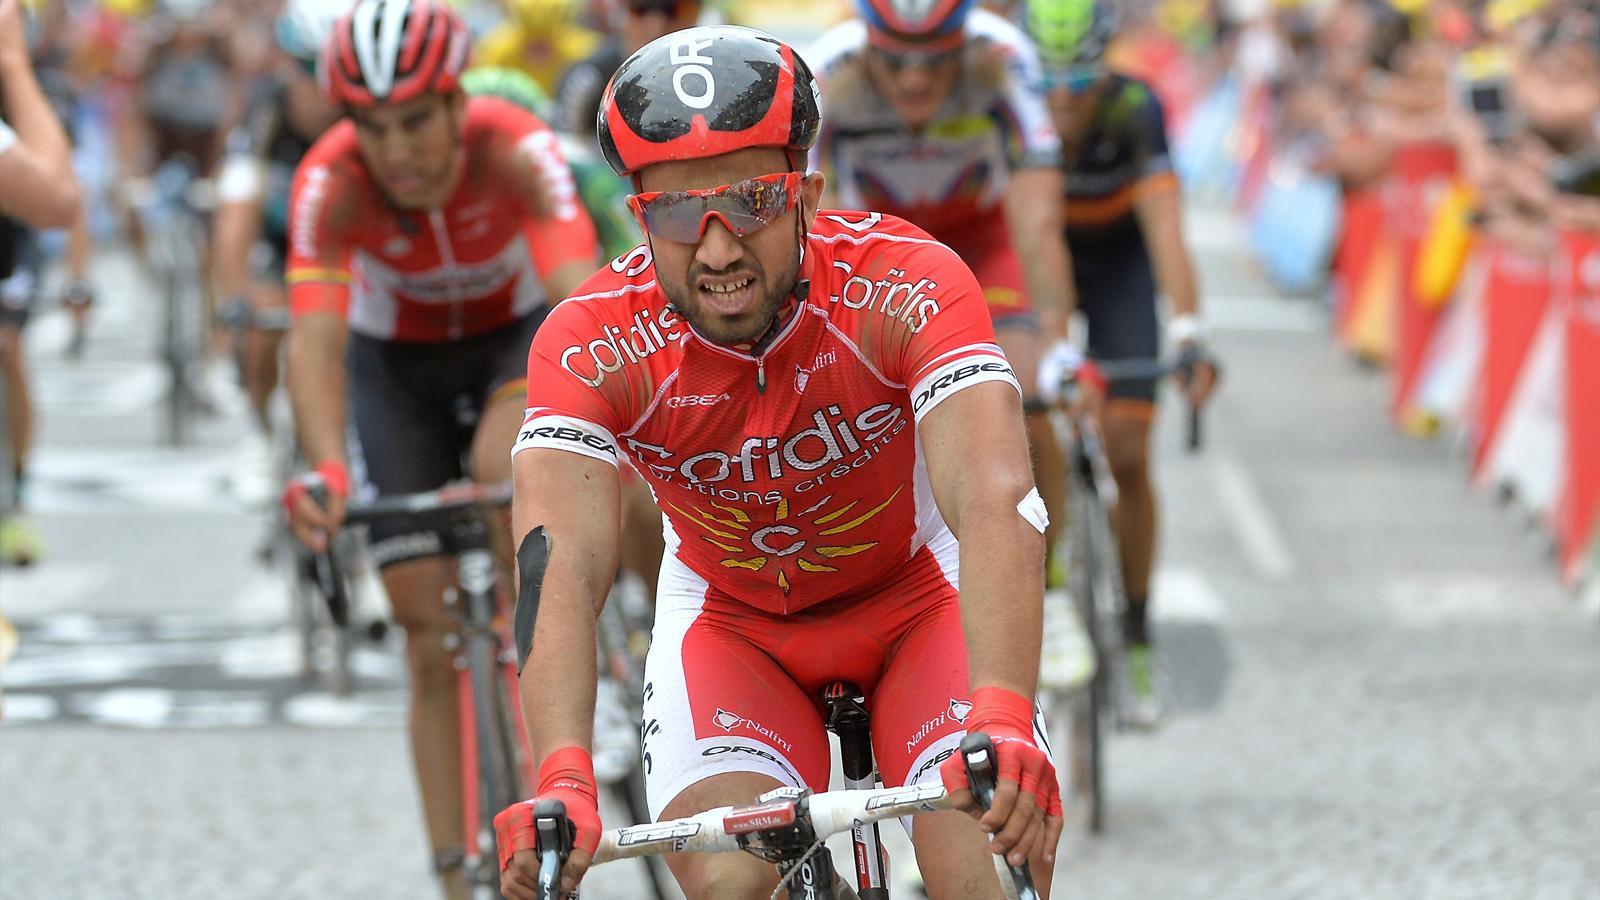 ... la prochaine édition - Tour de France 2016 - Cyclisme - Eurosport